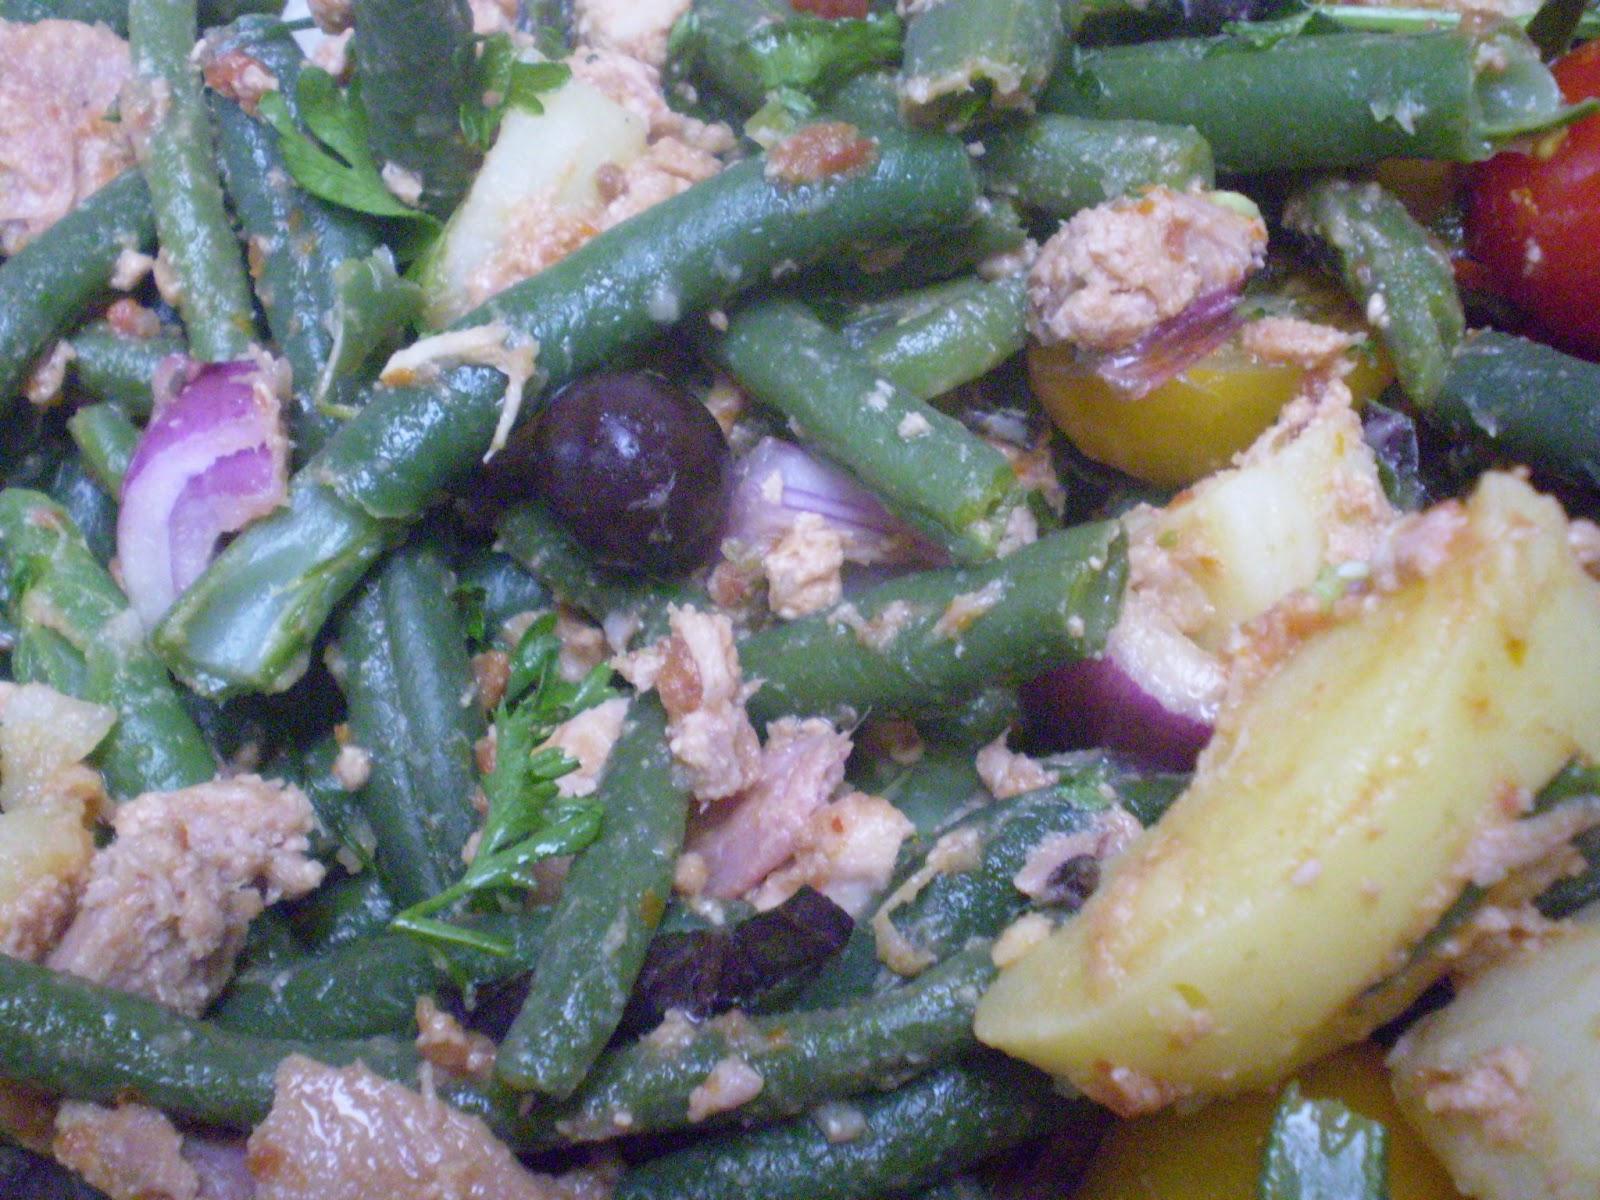 mes petits plaisirs salade de pomme de terre nouvelle au thon haricots verts tomate et. Black Bedroom Furniture Sets. Home Design Ideas